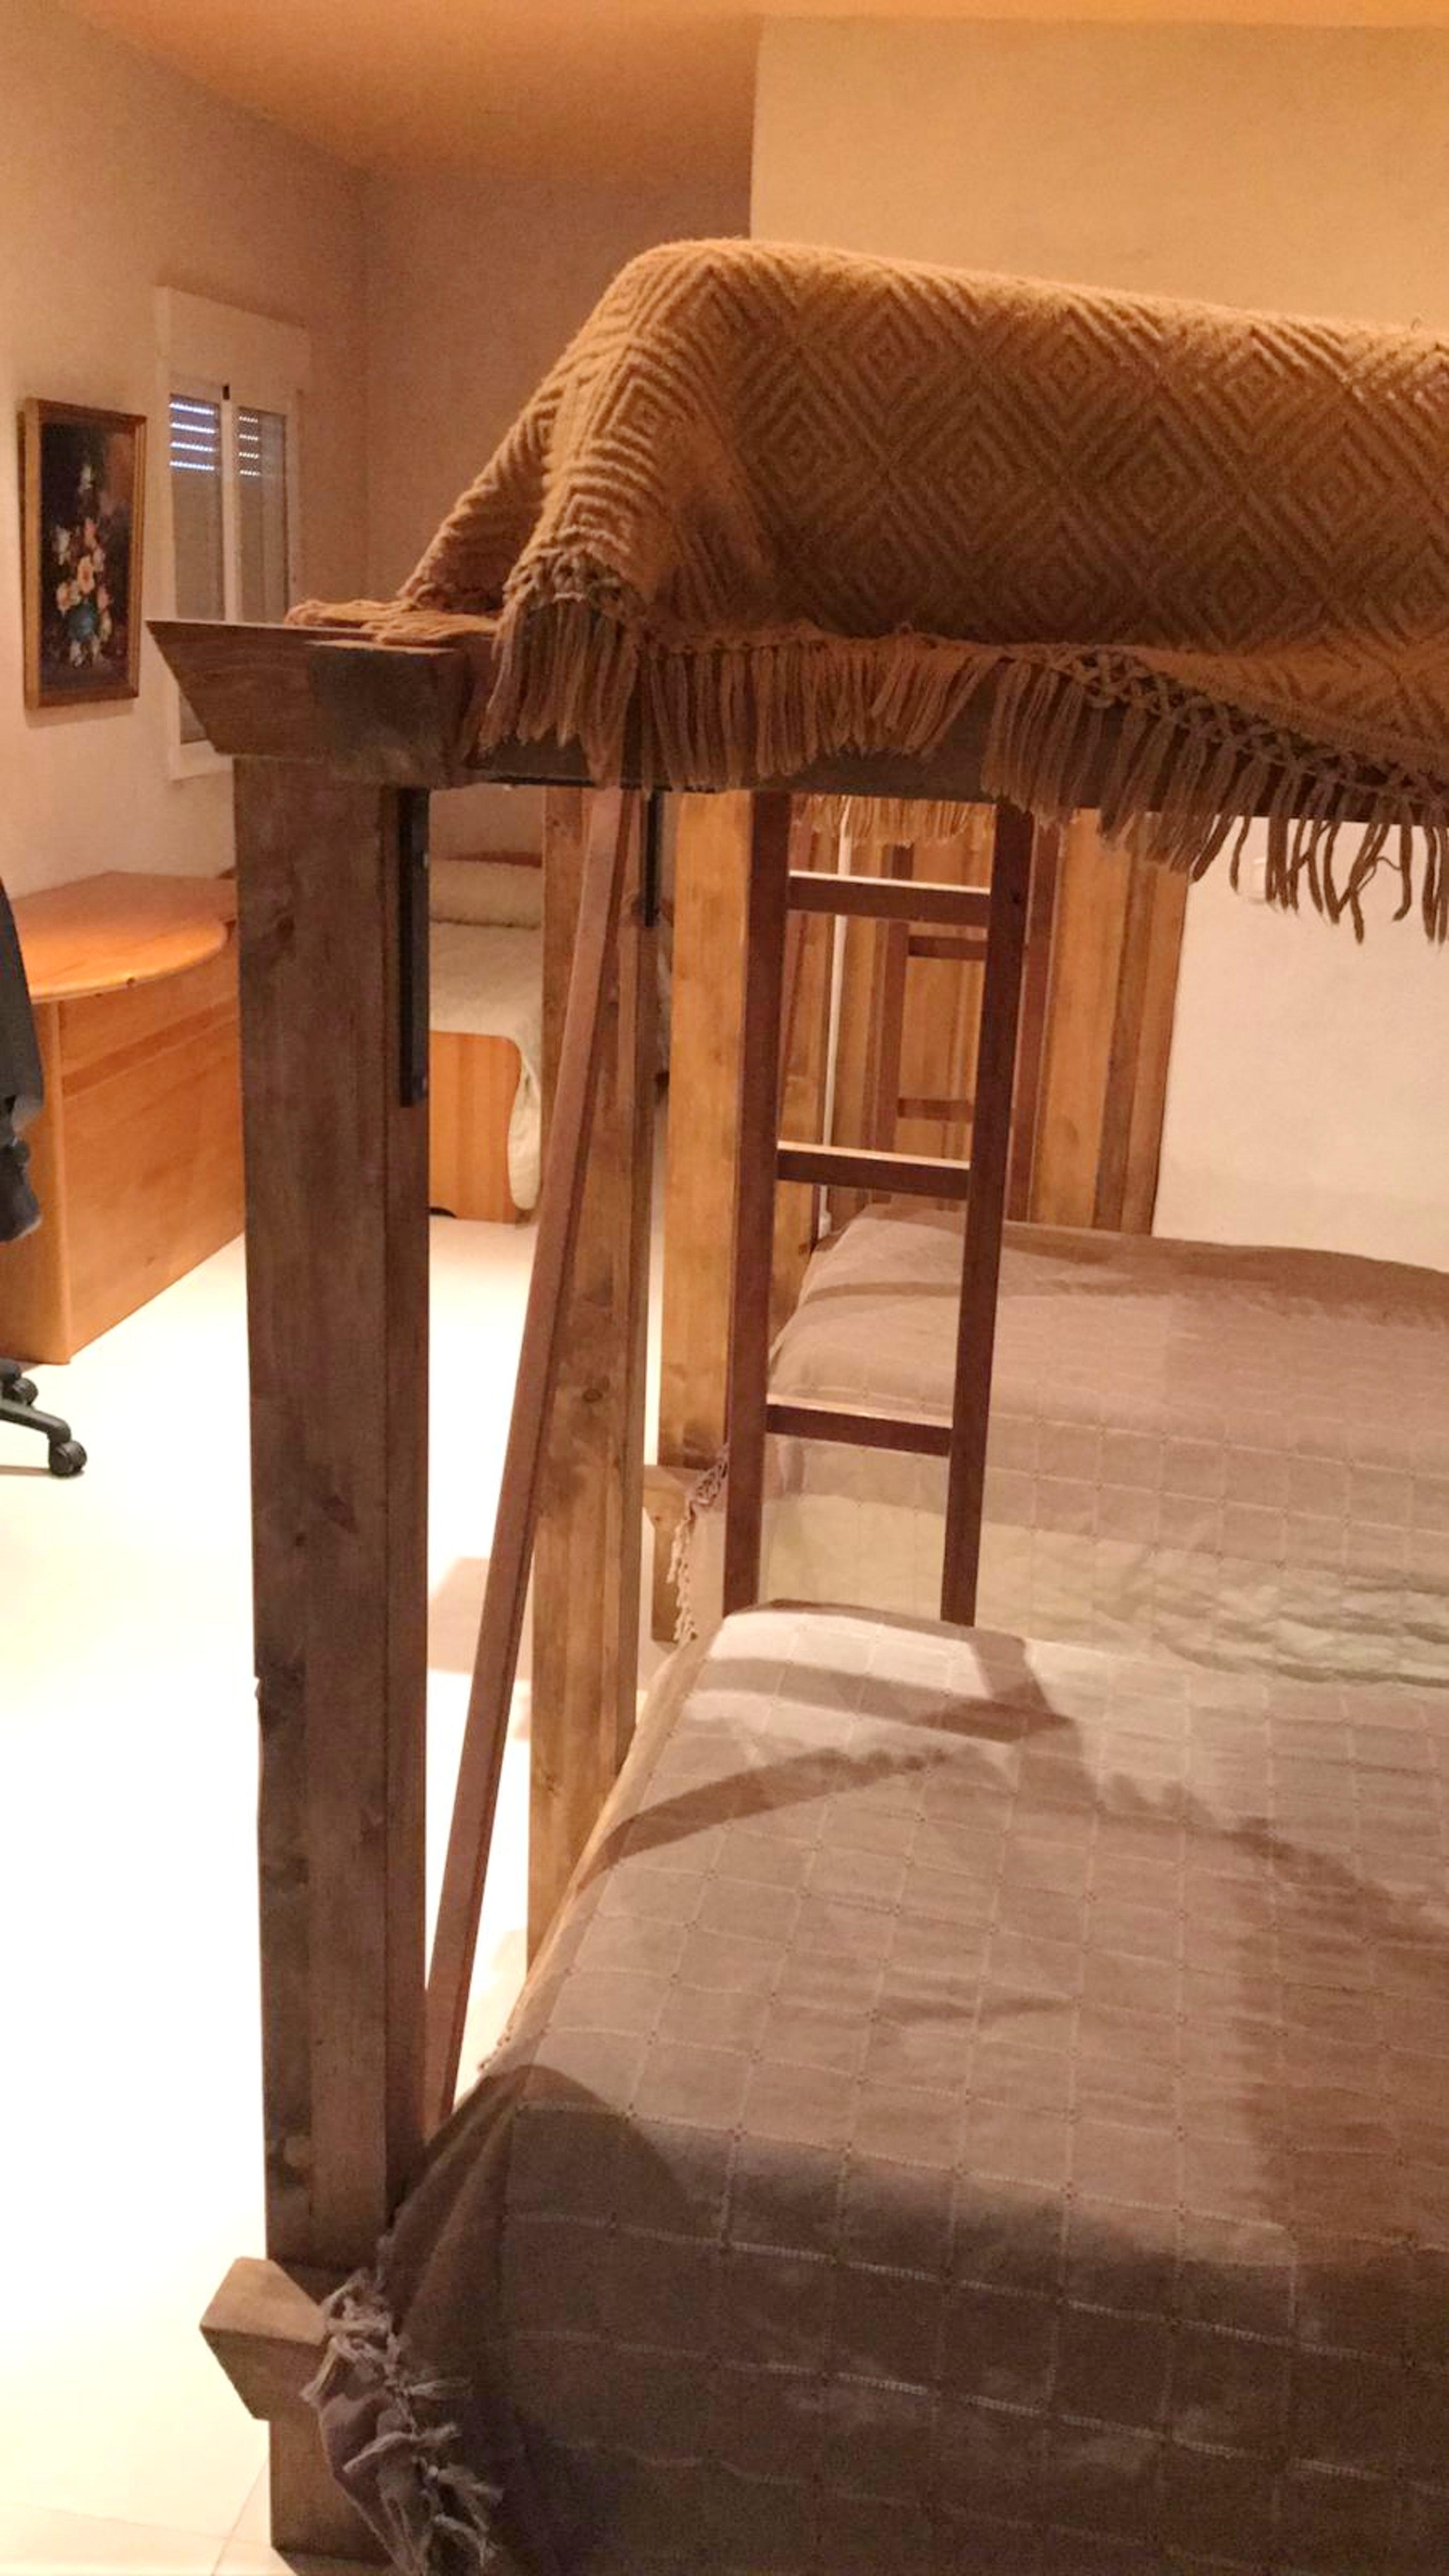 Ferienhaus Haus mit 7 Schlafzimmern in Burguillos de Toledo mit privatem Pool und eingezäuntem Garten (2299203), Burguillos de Toledo, Toledo, Kastilien-La Mancha, Spanien, Bild 26